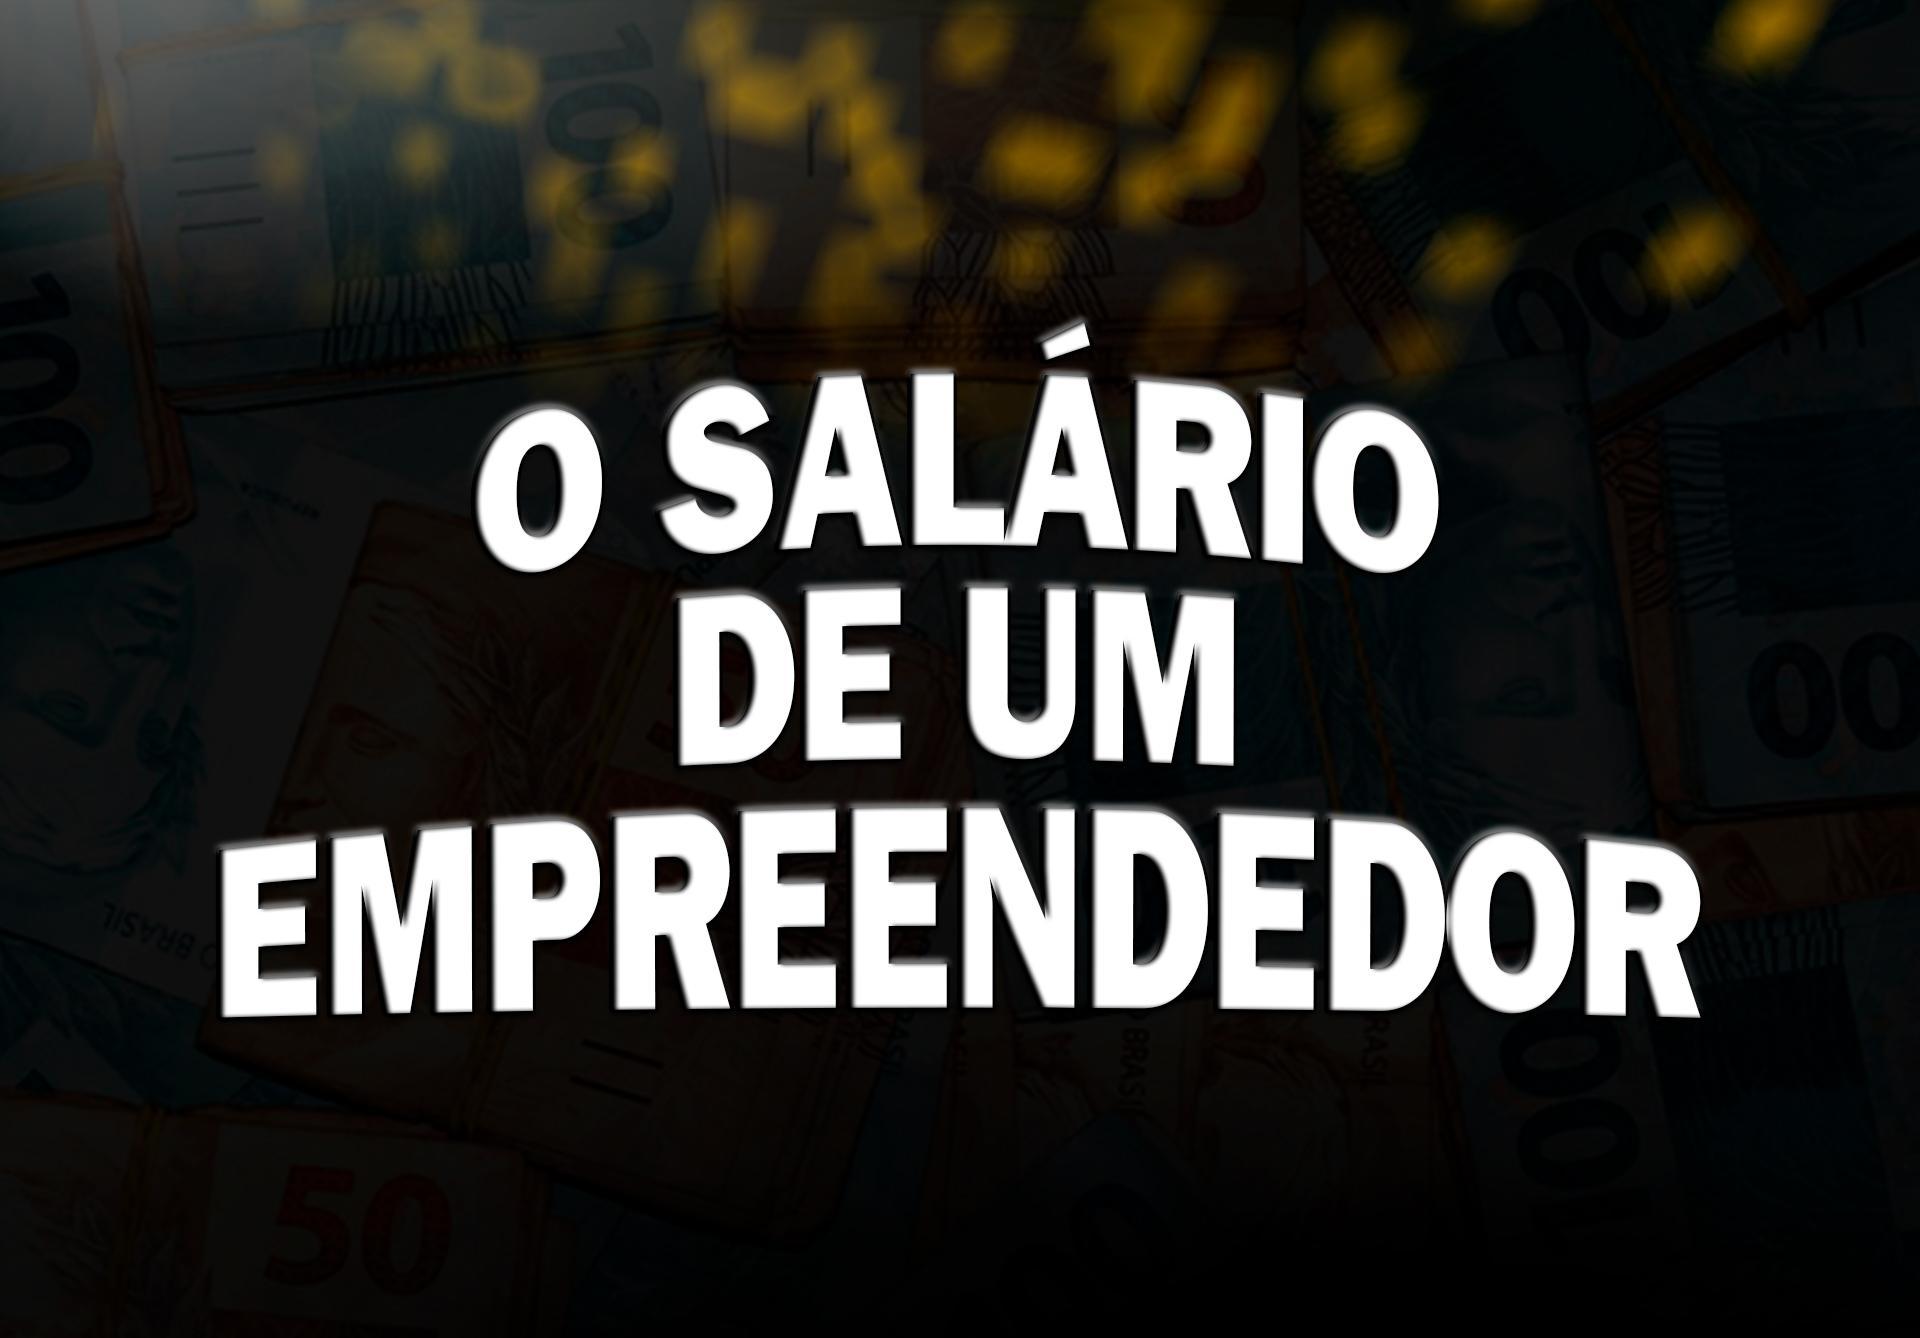 O SALÁRIO DE UM EMPREENDEDOR DEPENDE DISSO!